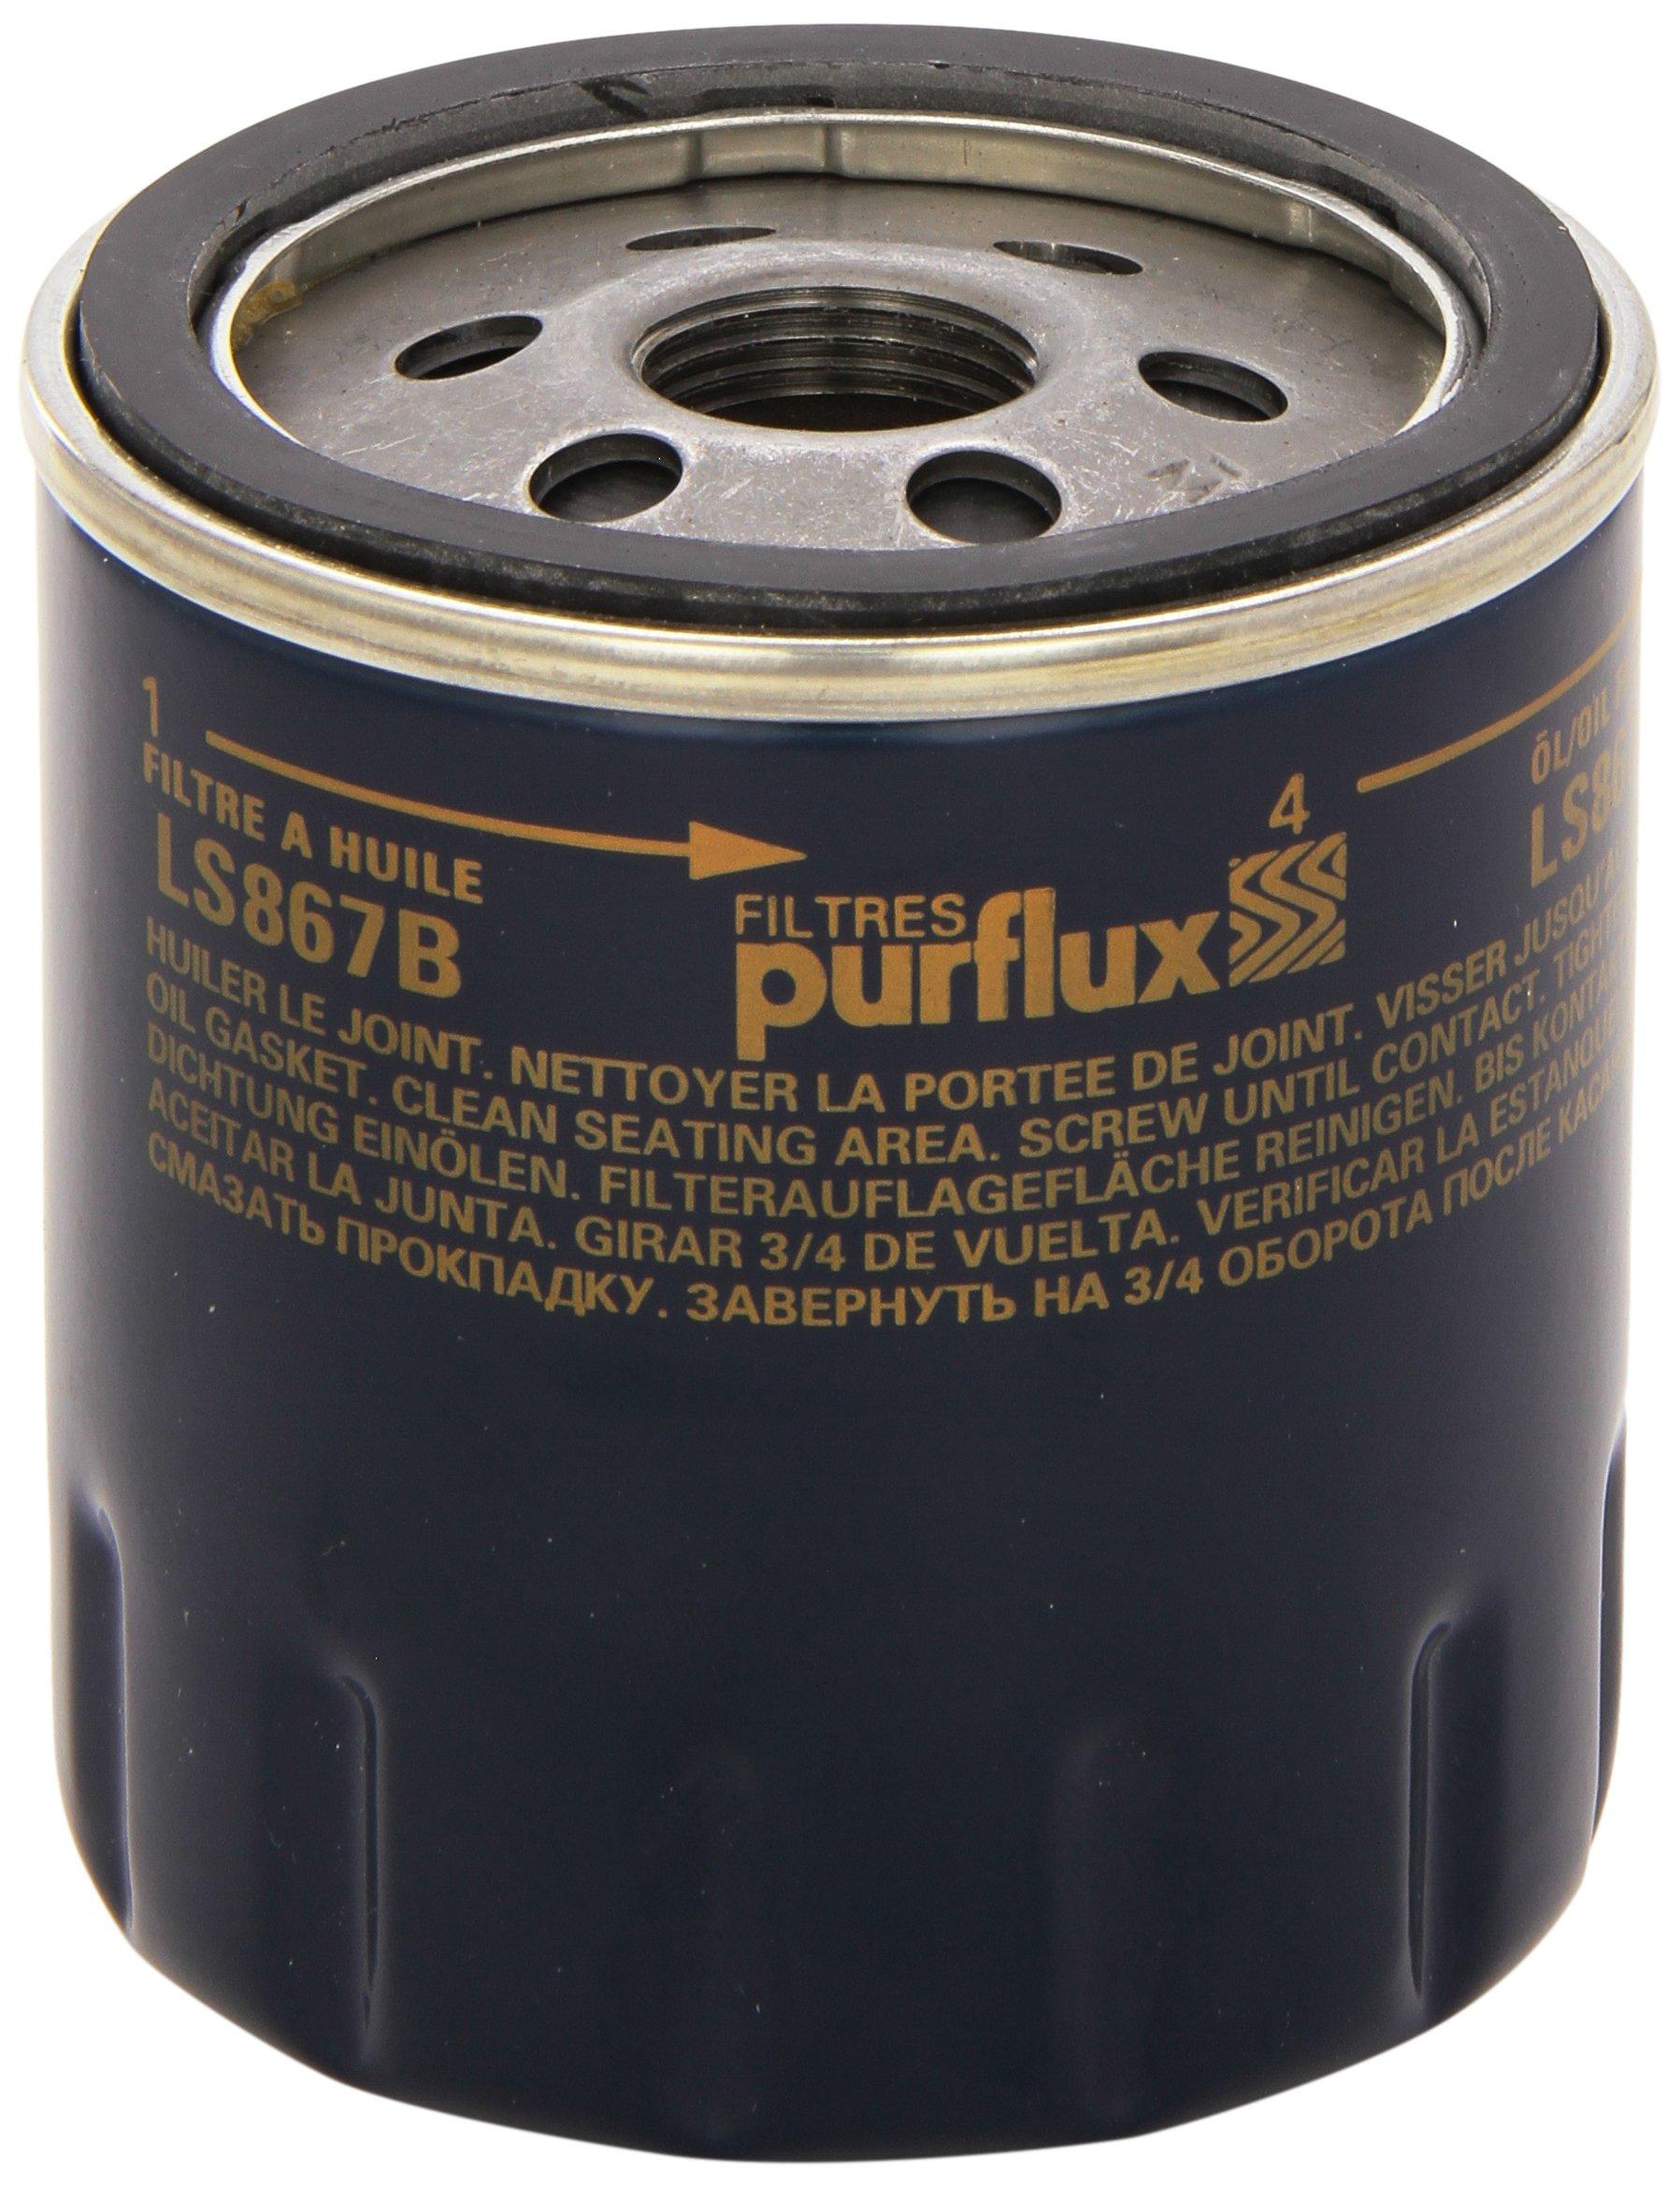 Filtro de aceite PURFLUX LS867B product image